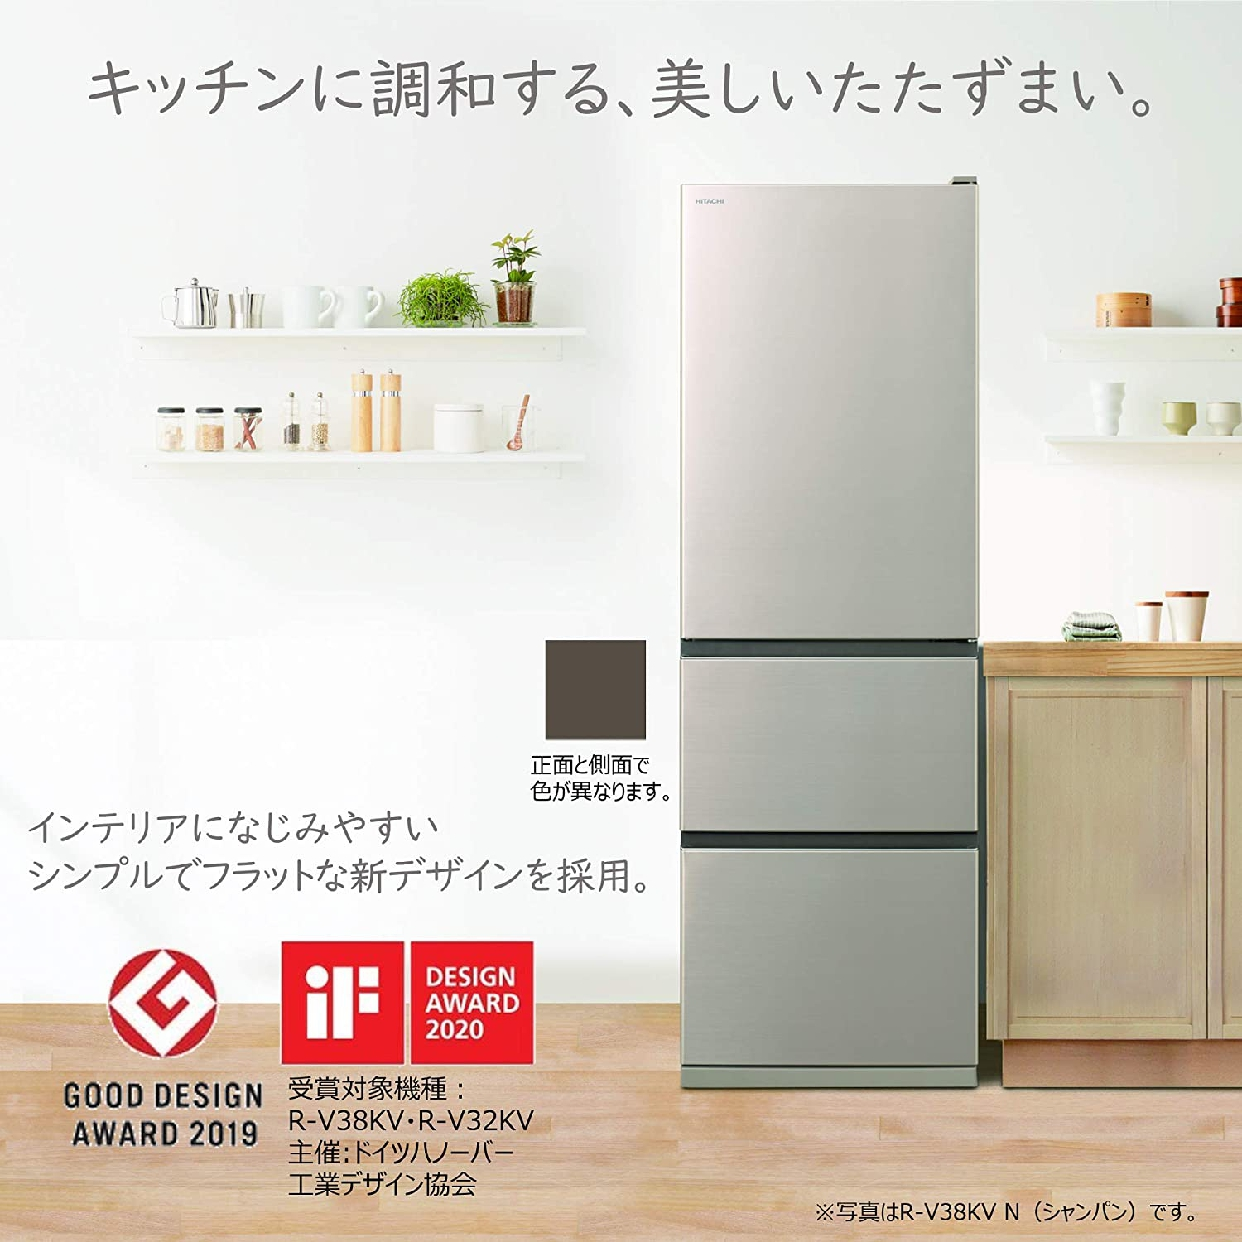 日立(ひたち)うるおいチルド 冷蔵庫 R-V38KVの商品画像6